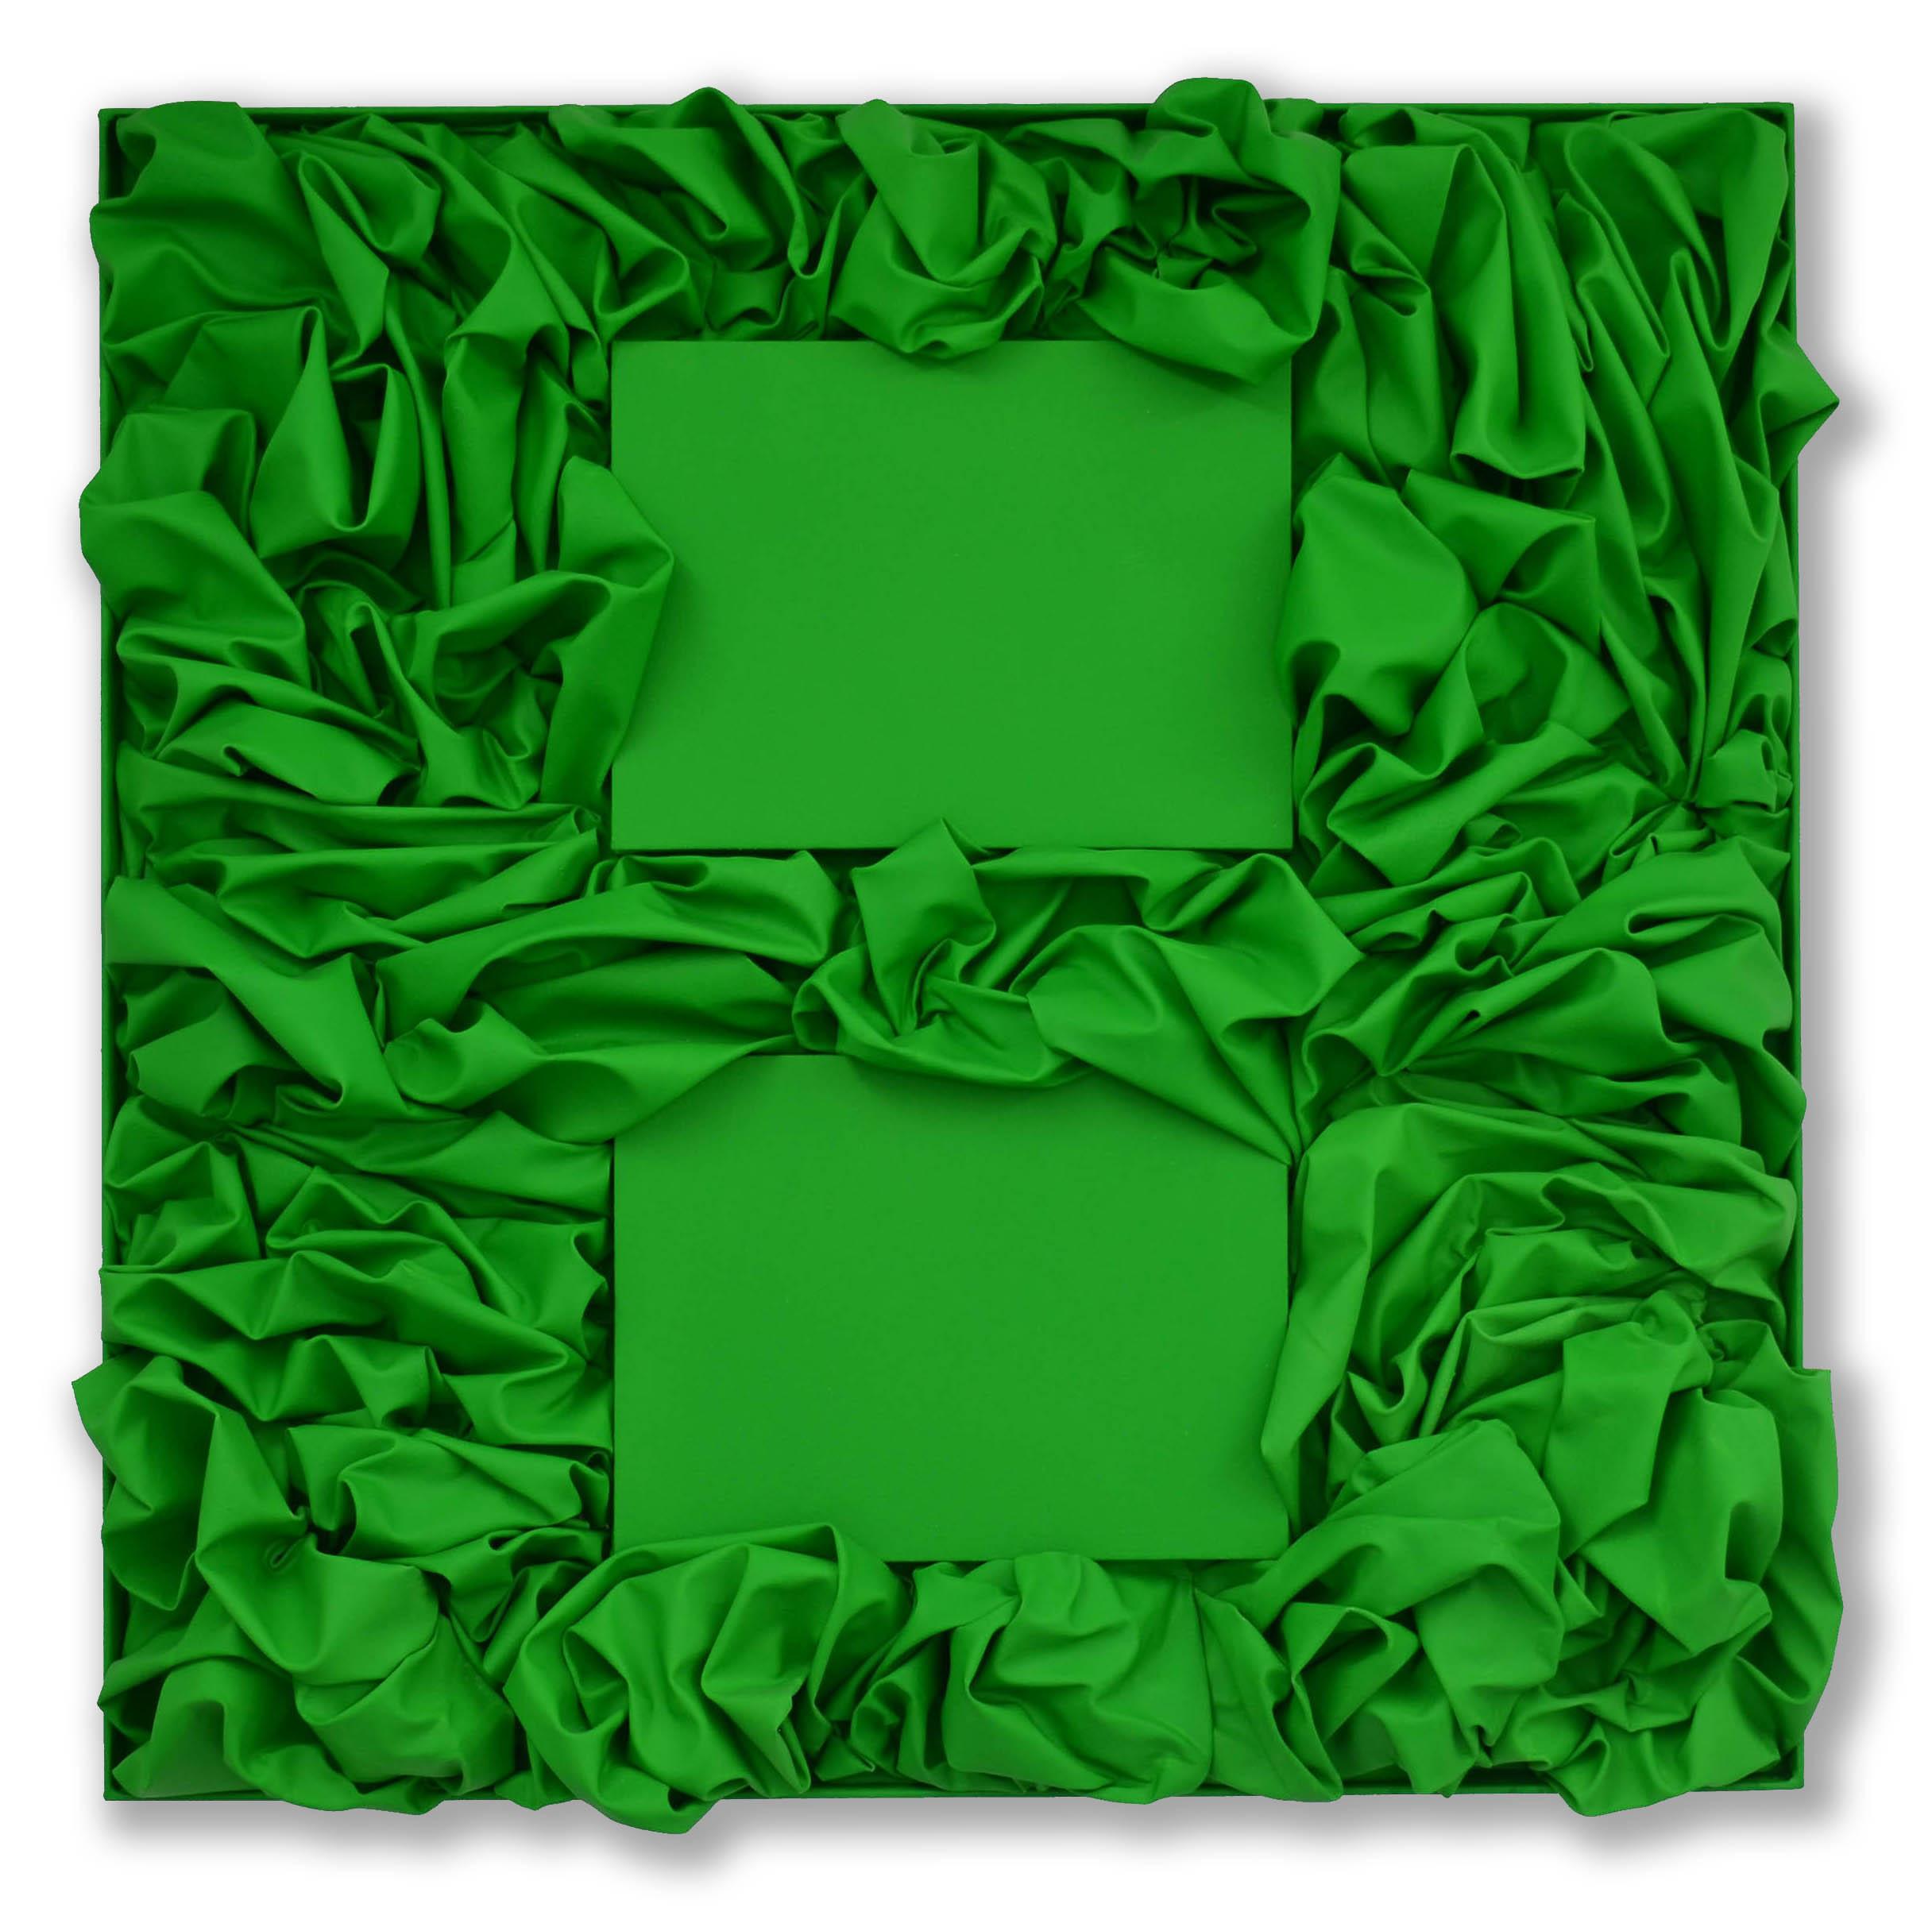 Reflected Green  - 2017  Pigmento acrilico su tela applicata su tavola  101 x 101 cm